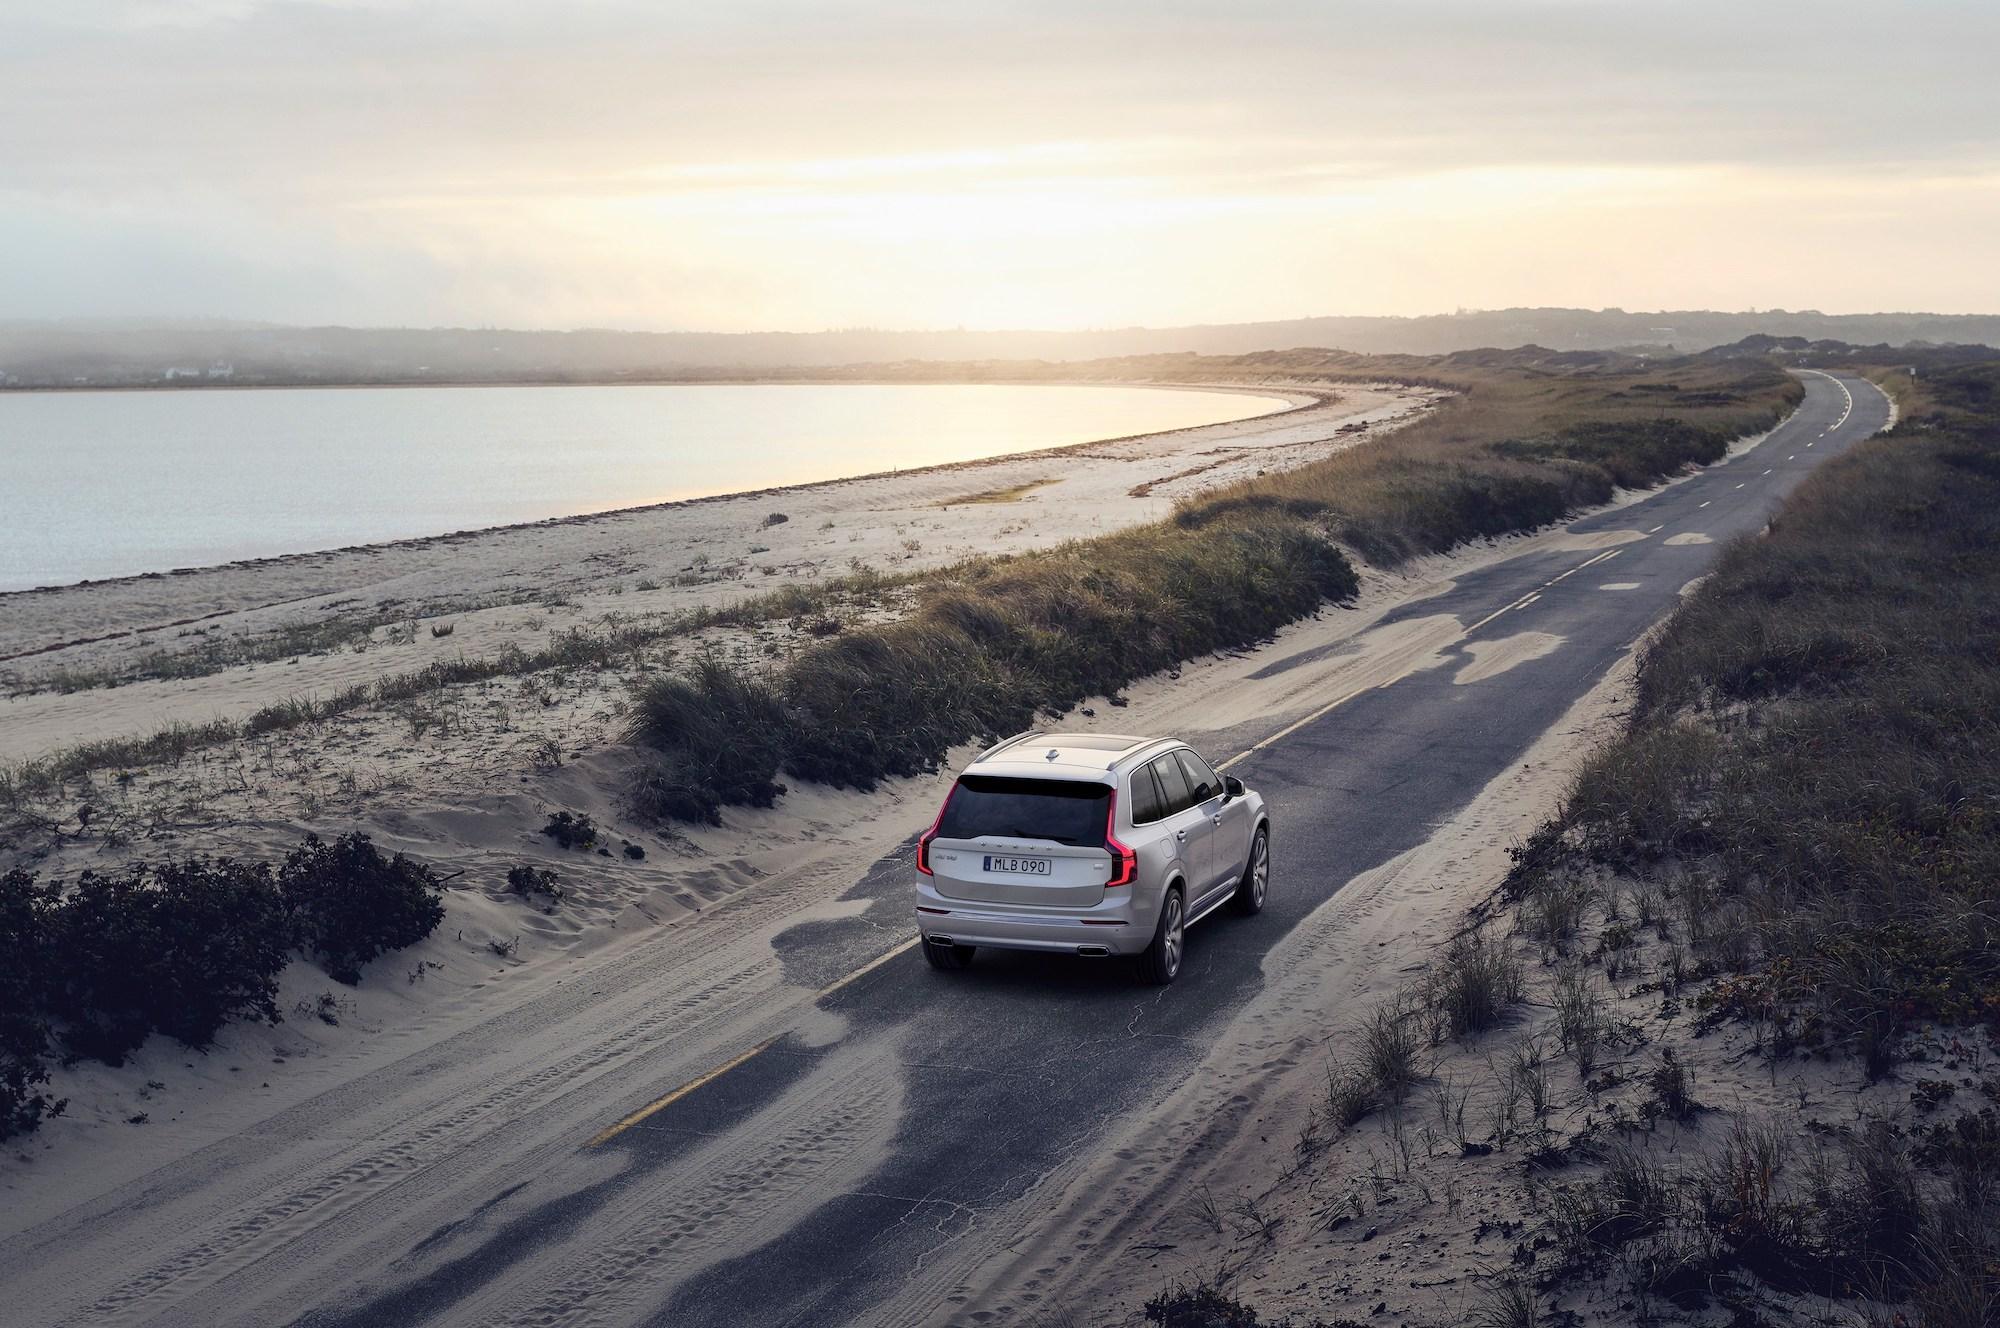 En 2040, Volvo sera électrique, sûr et climatiquement neutre